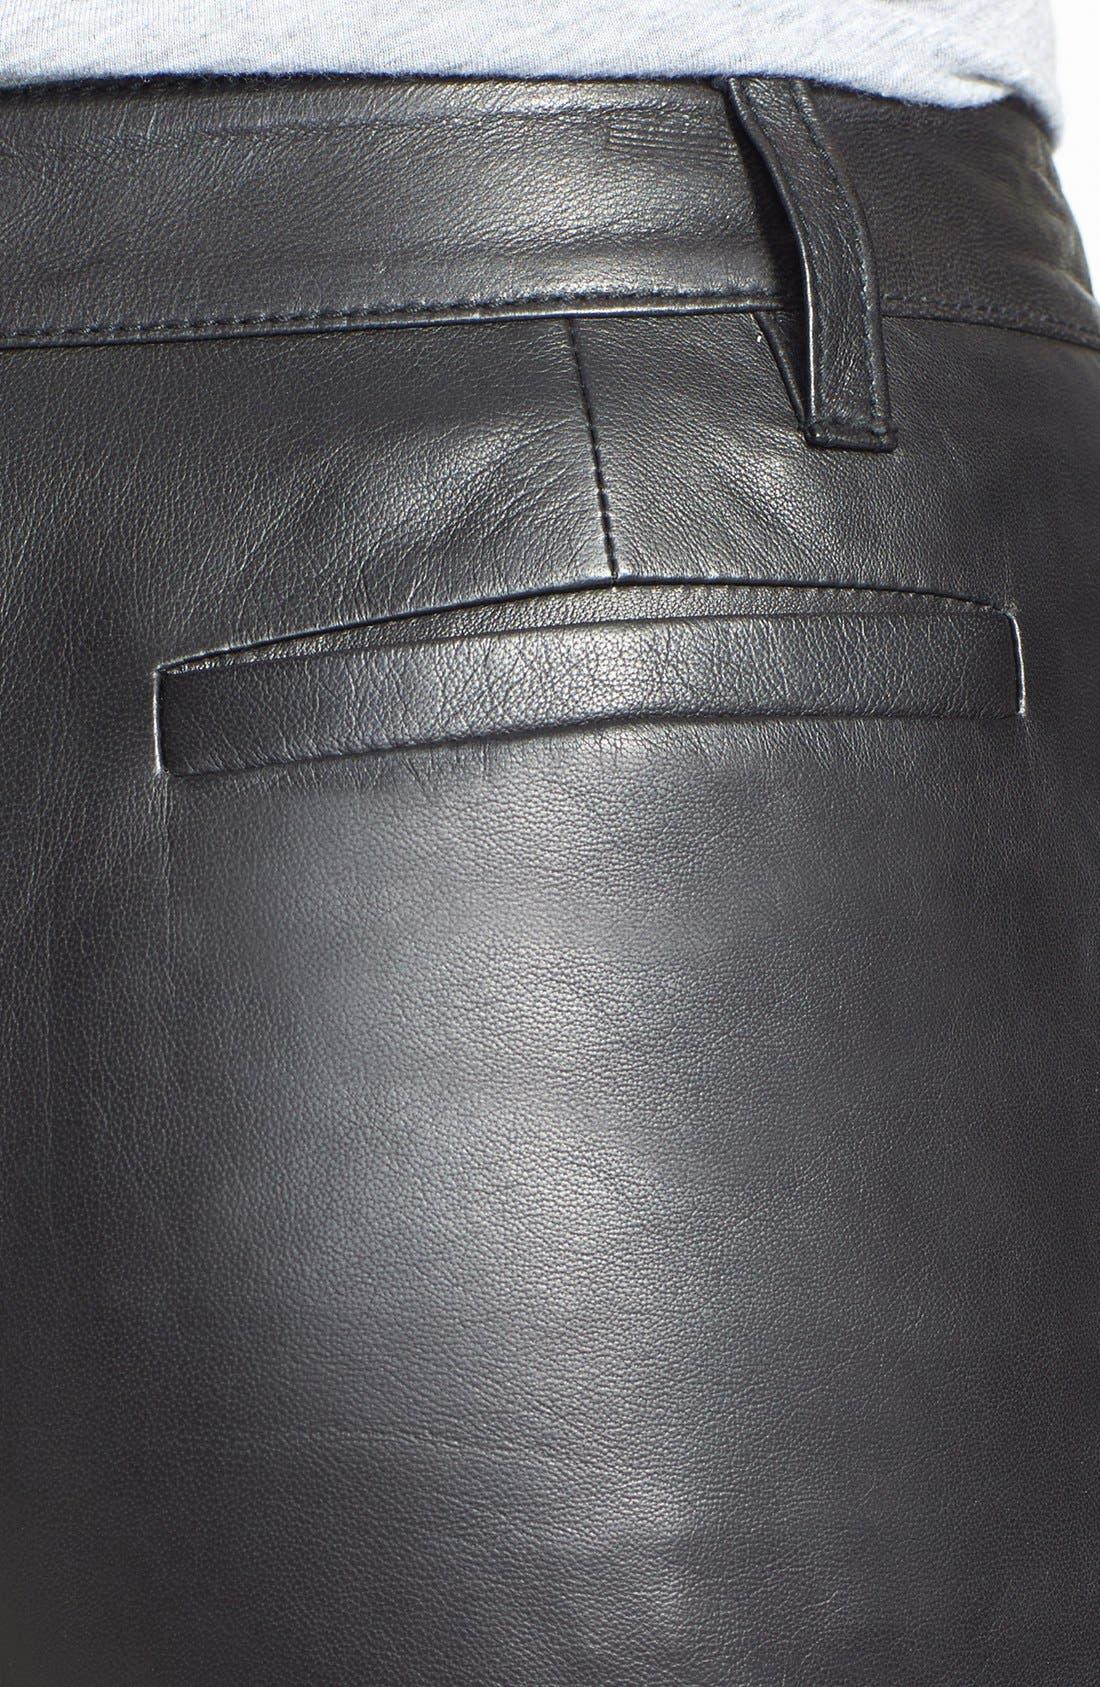 Alternate Image 3  - Halogen® Leather Shorts (Regular & Petite) (Online Only)